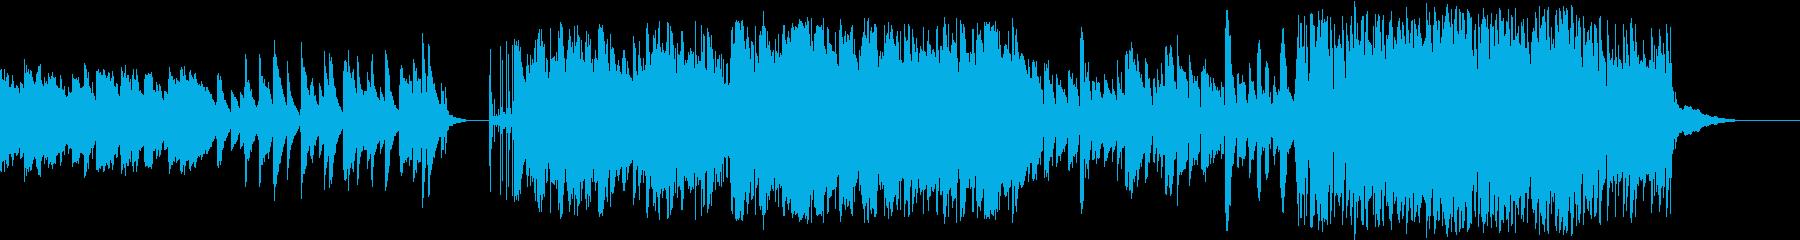 バッハの名曲のメロディを引用したポップスの再生済みの波形